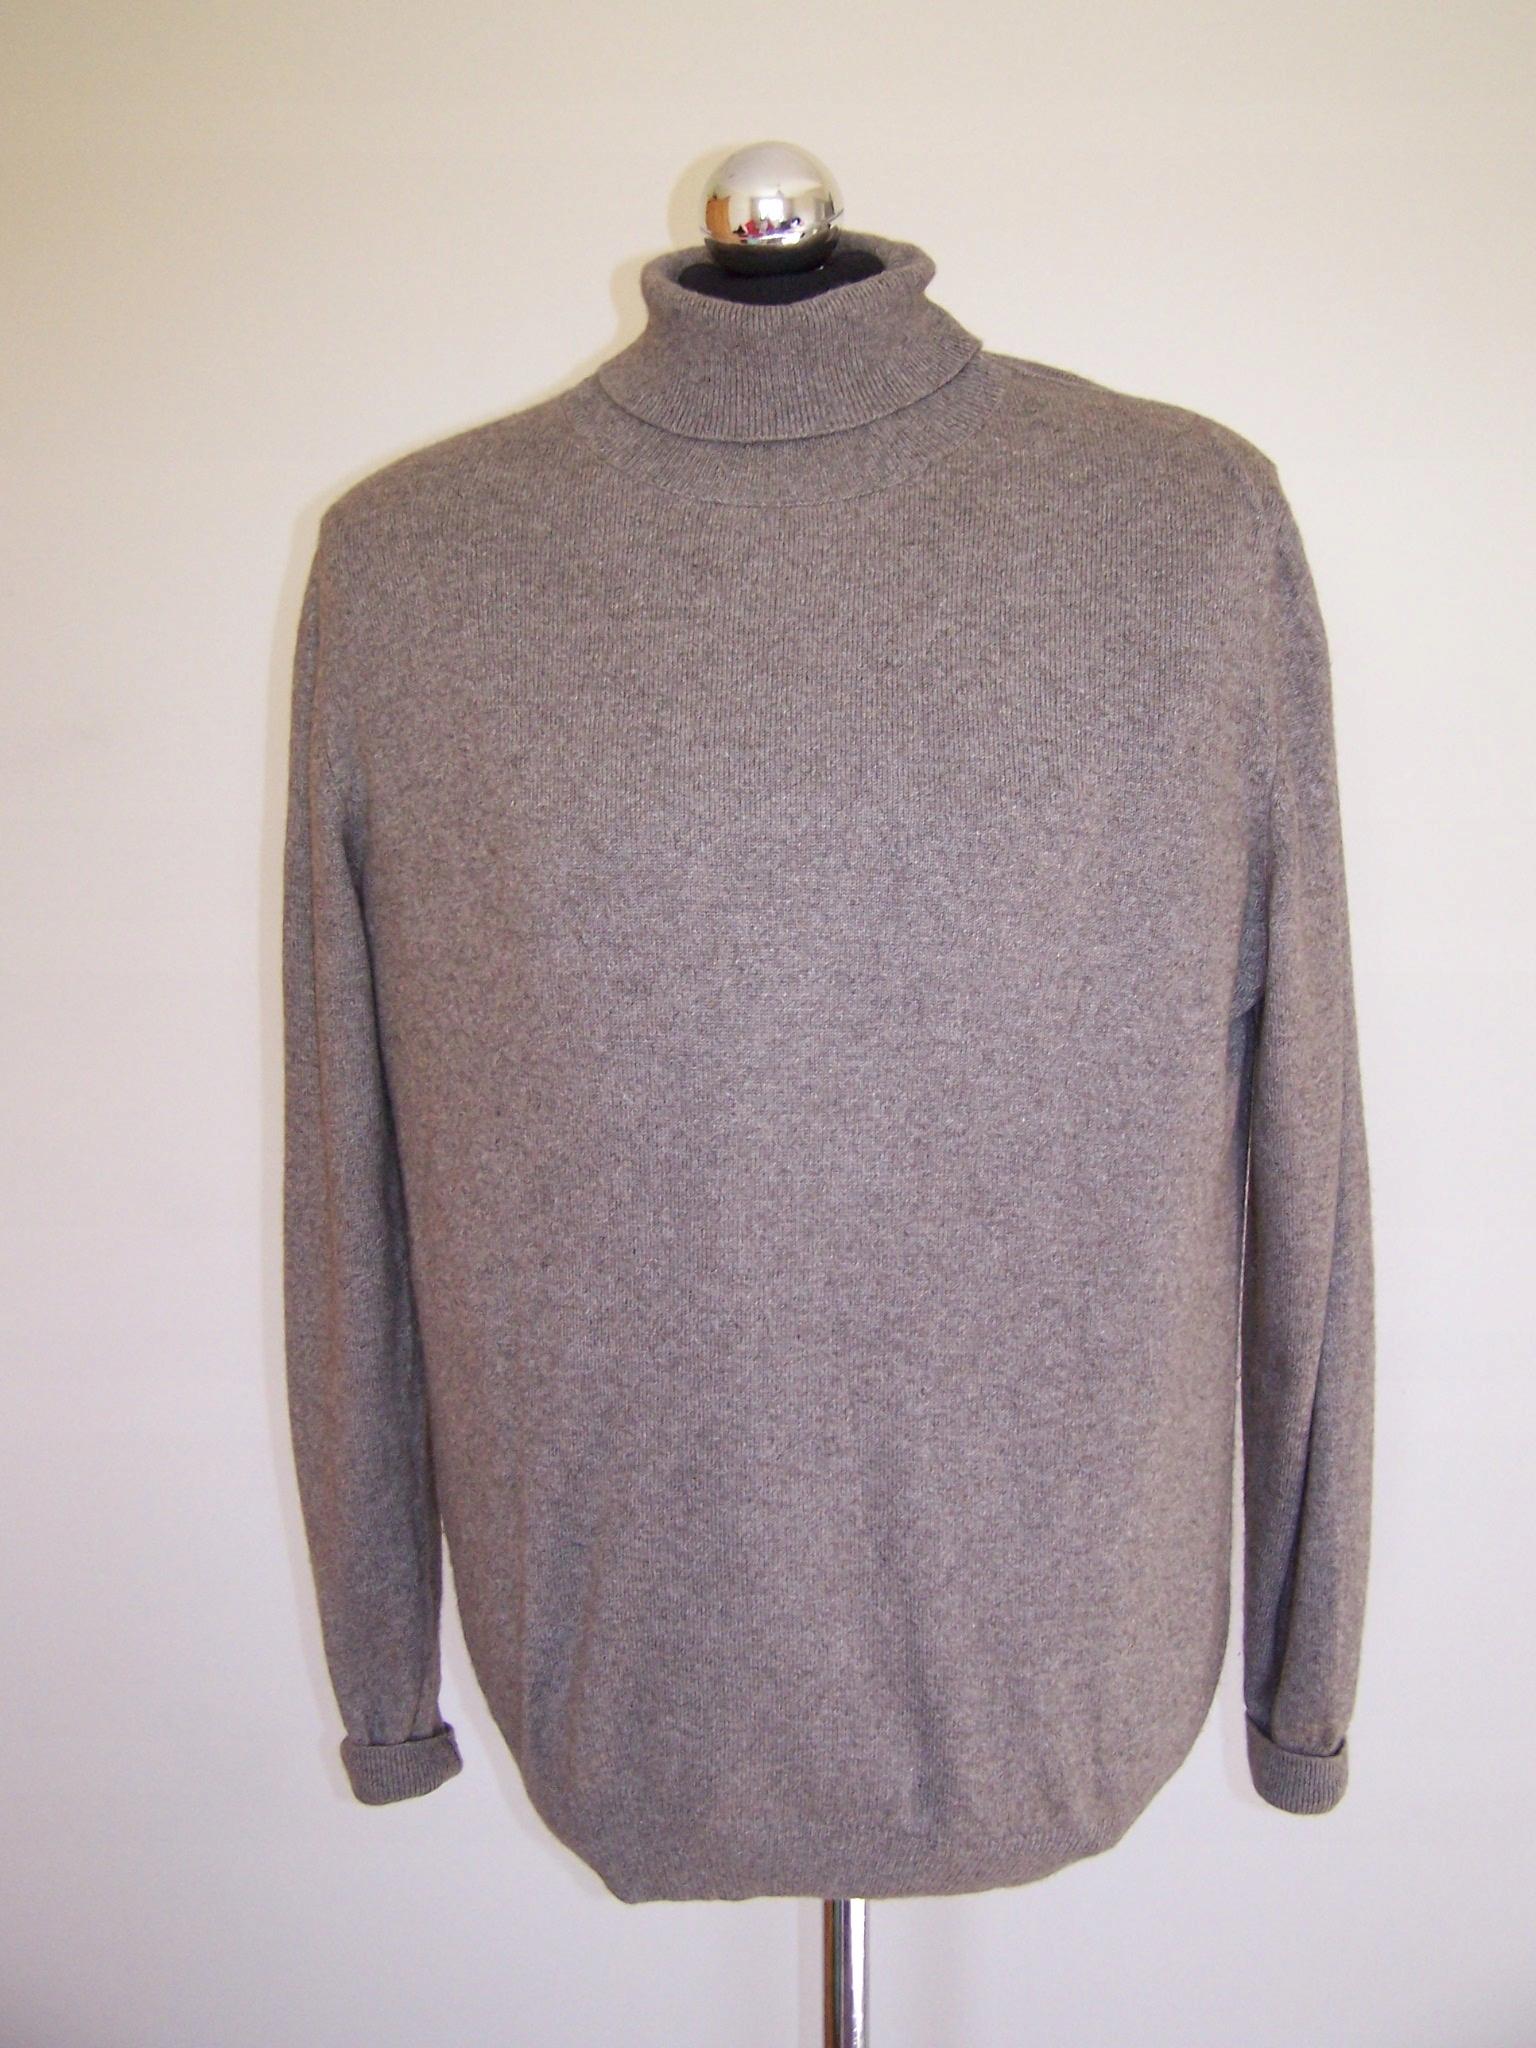 6dc08316a1f30 Luciano~~ Luksusowy Sweter Golf Jedwab Kaszmir XL - 7647518630 ...